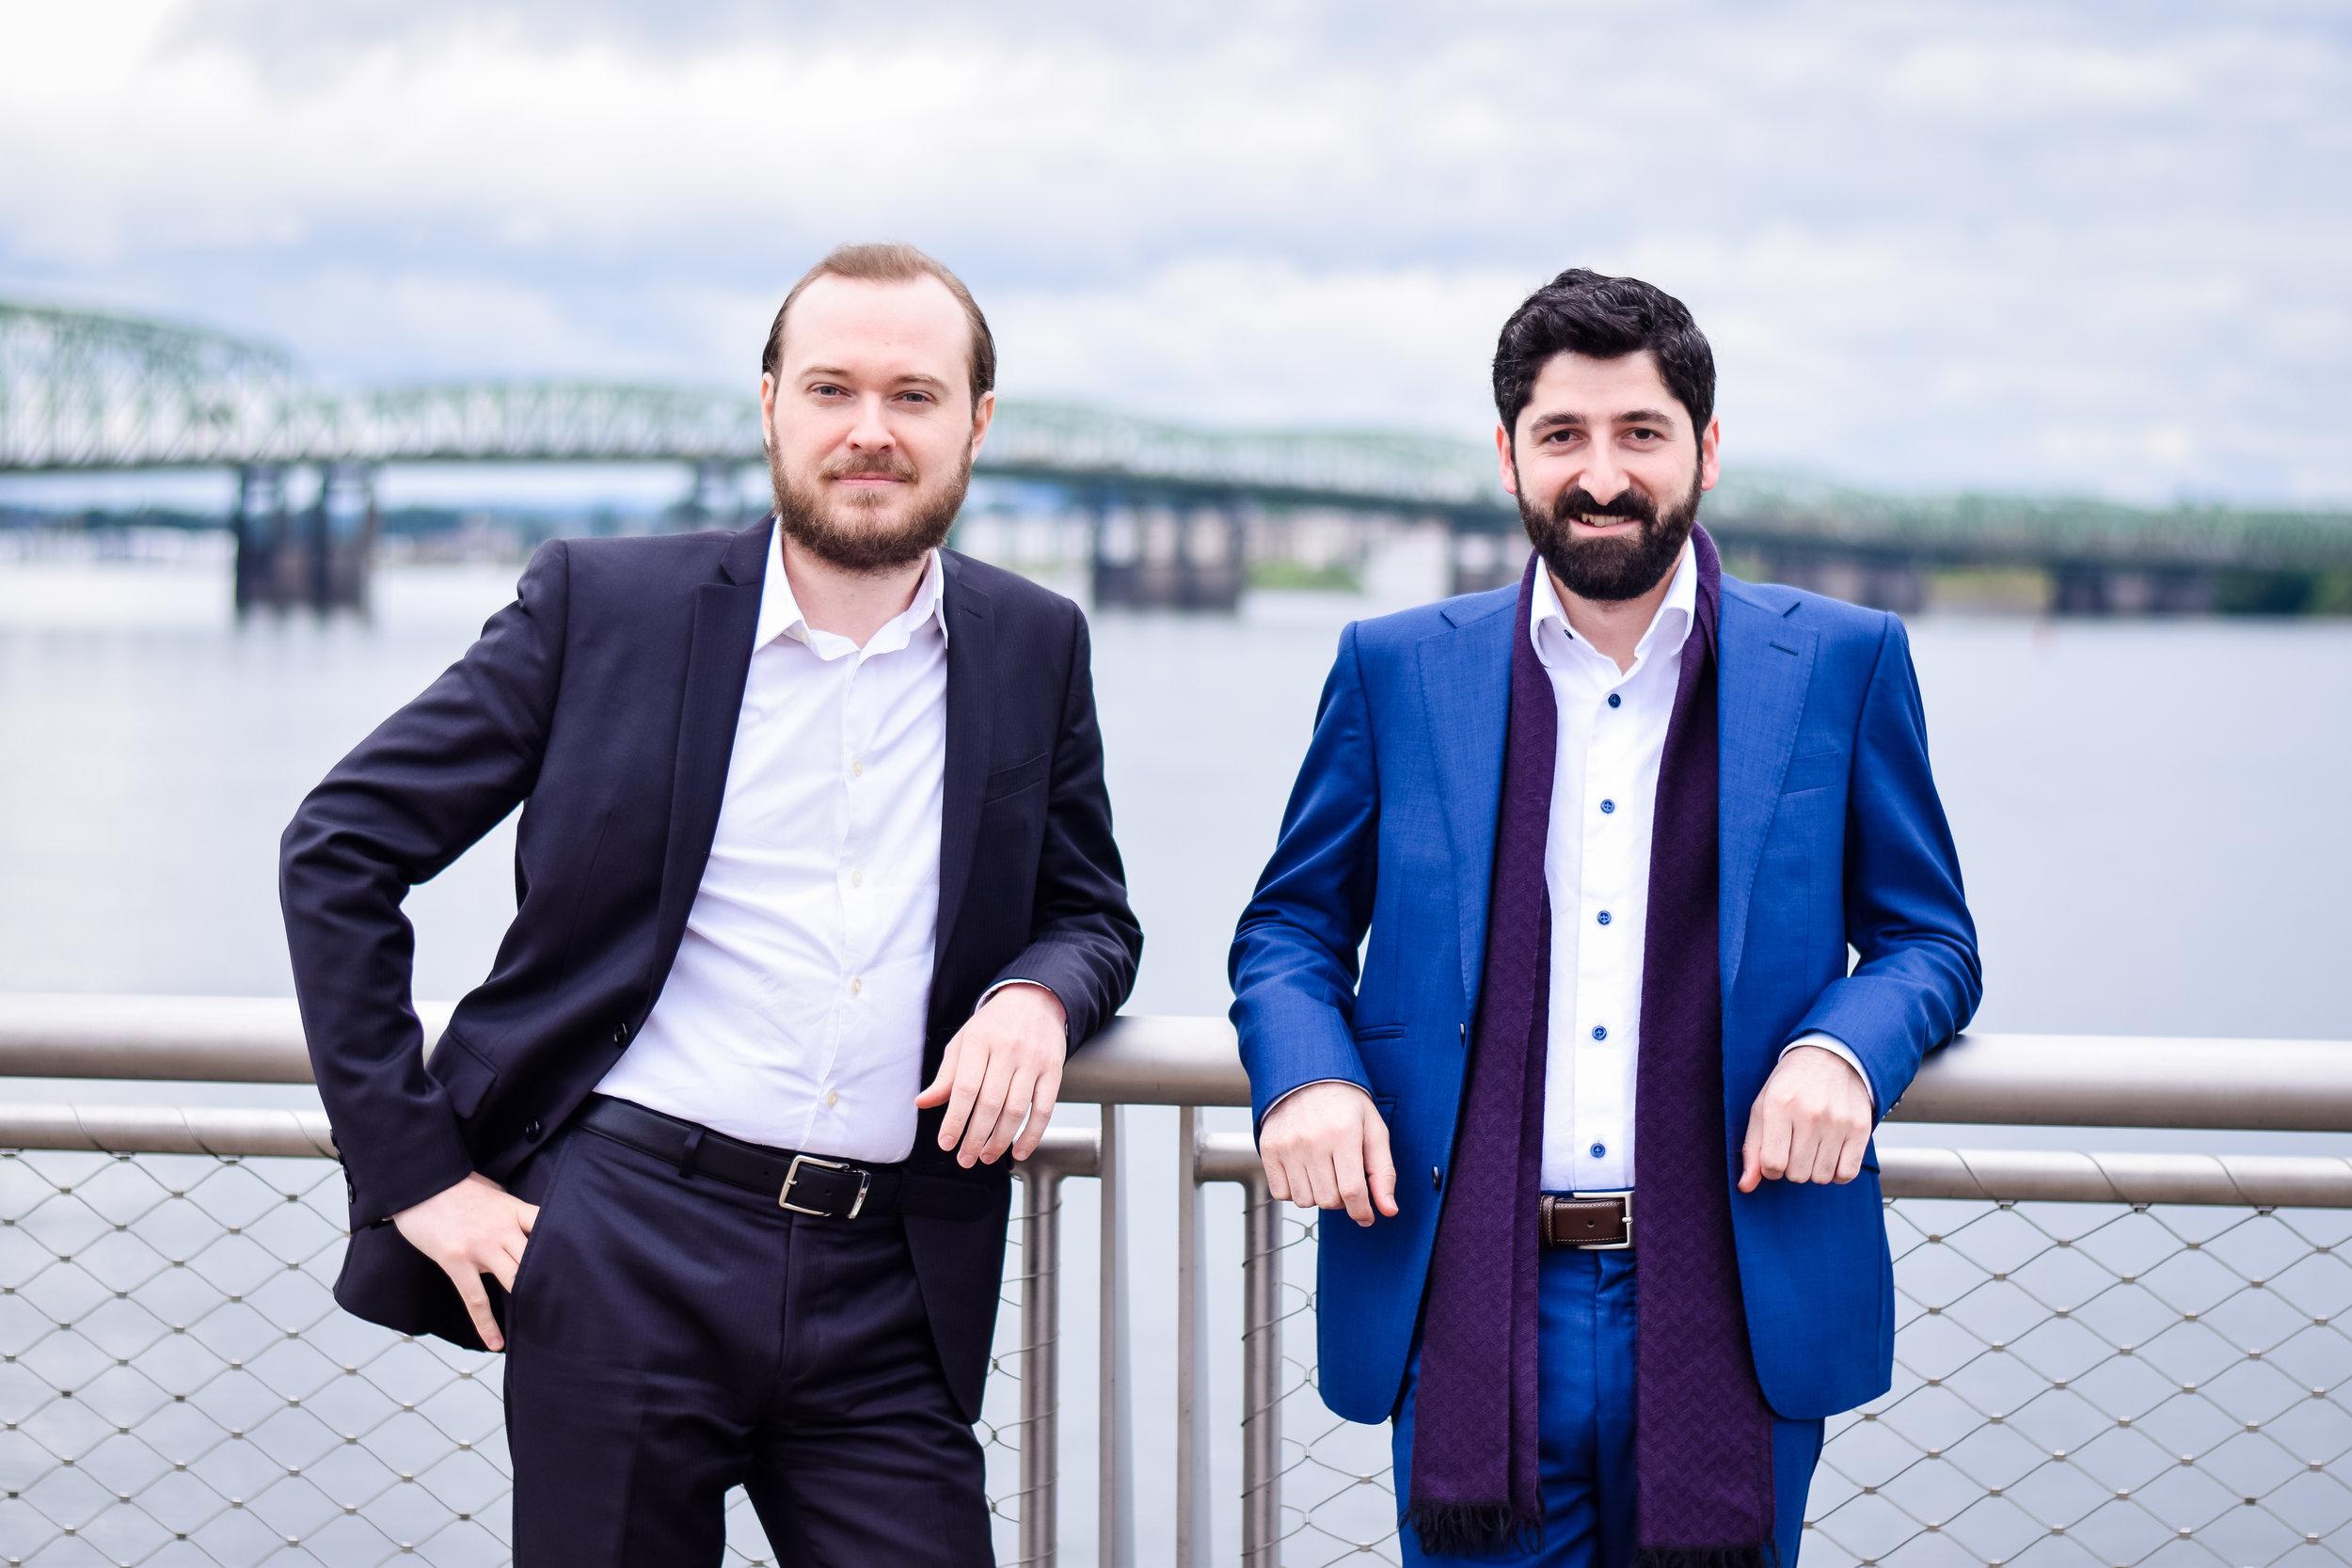 Anton Zotov and Dimitri Zhgenti - October 19, 2019